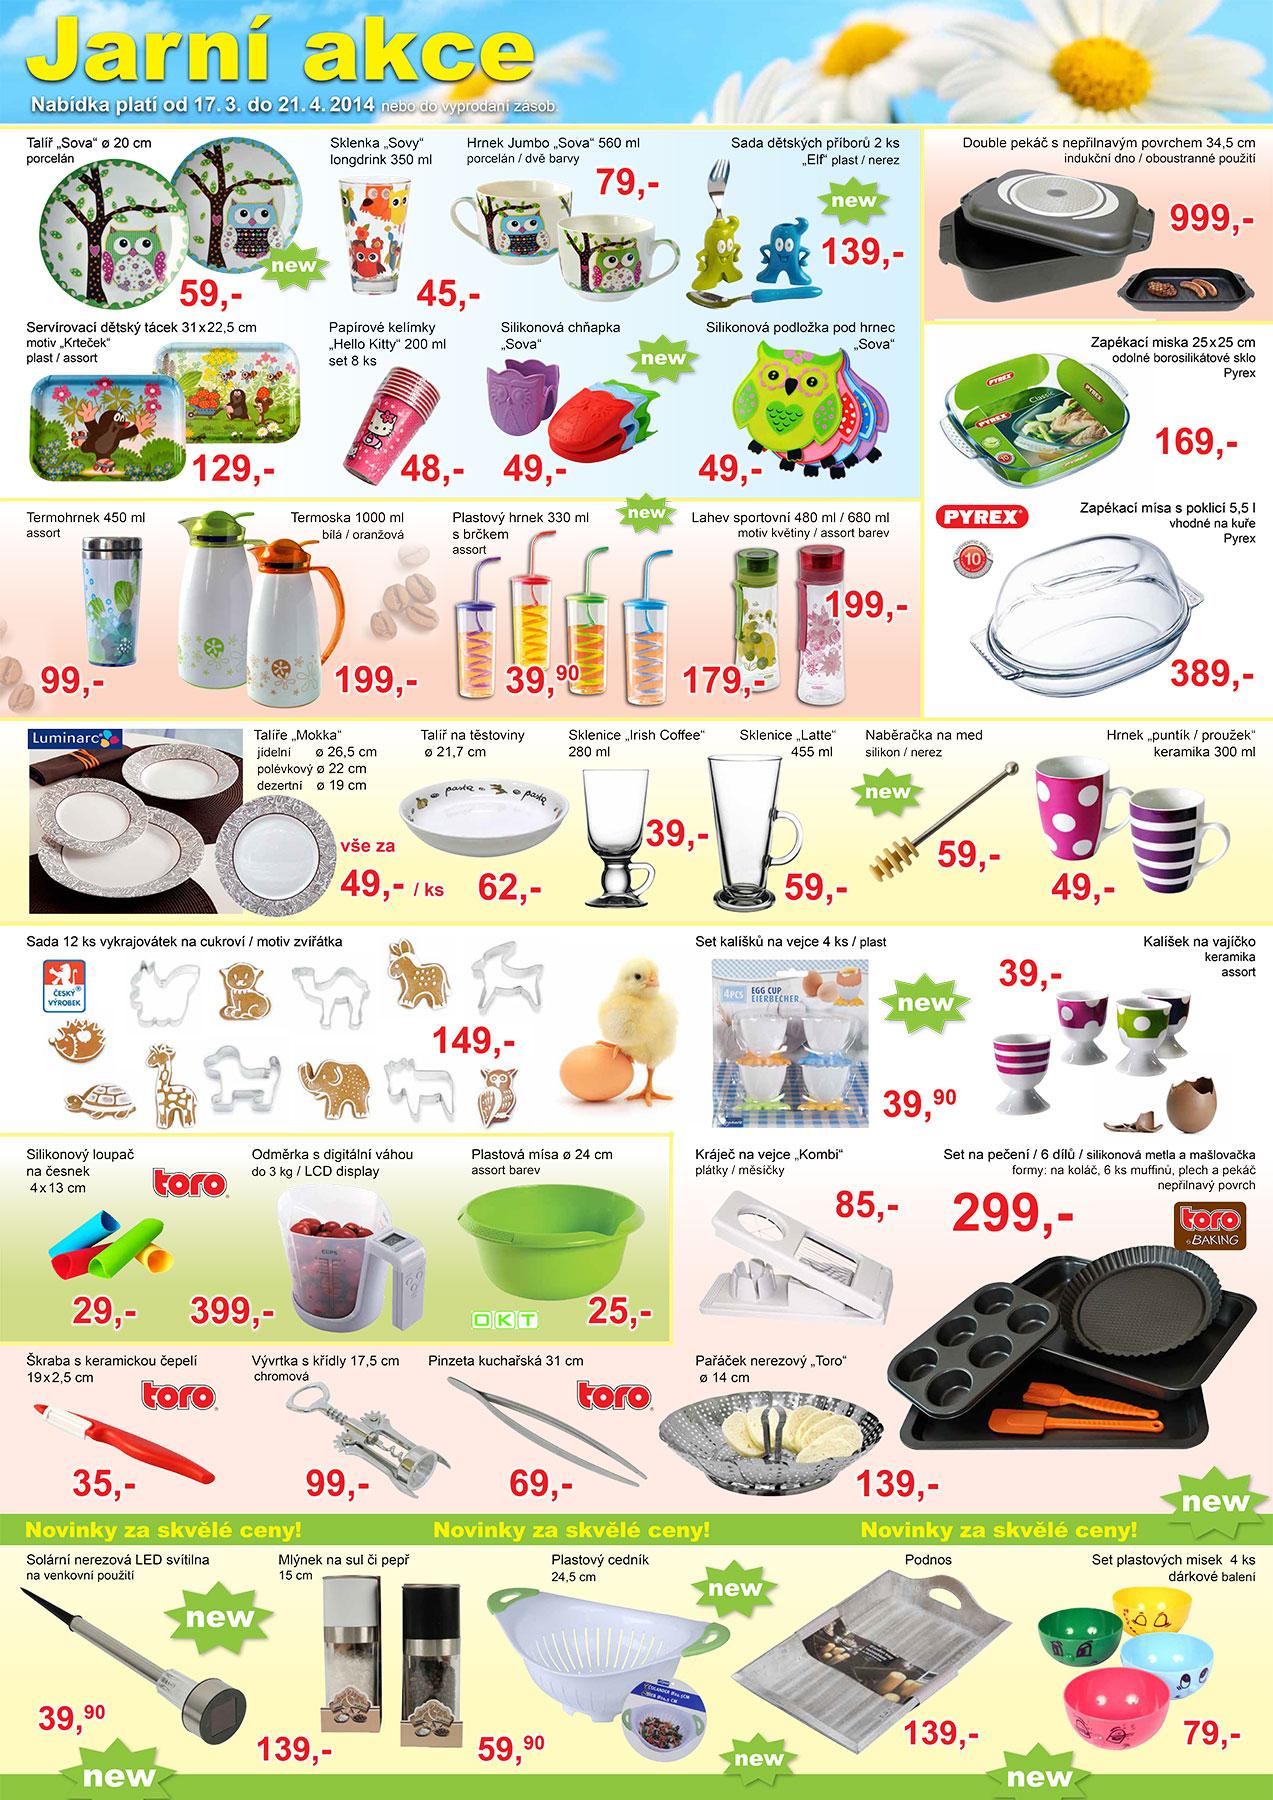 Jarní zboží v akci ceny od 25 Kč